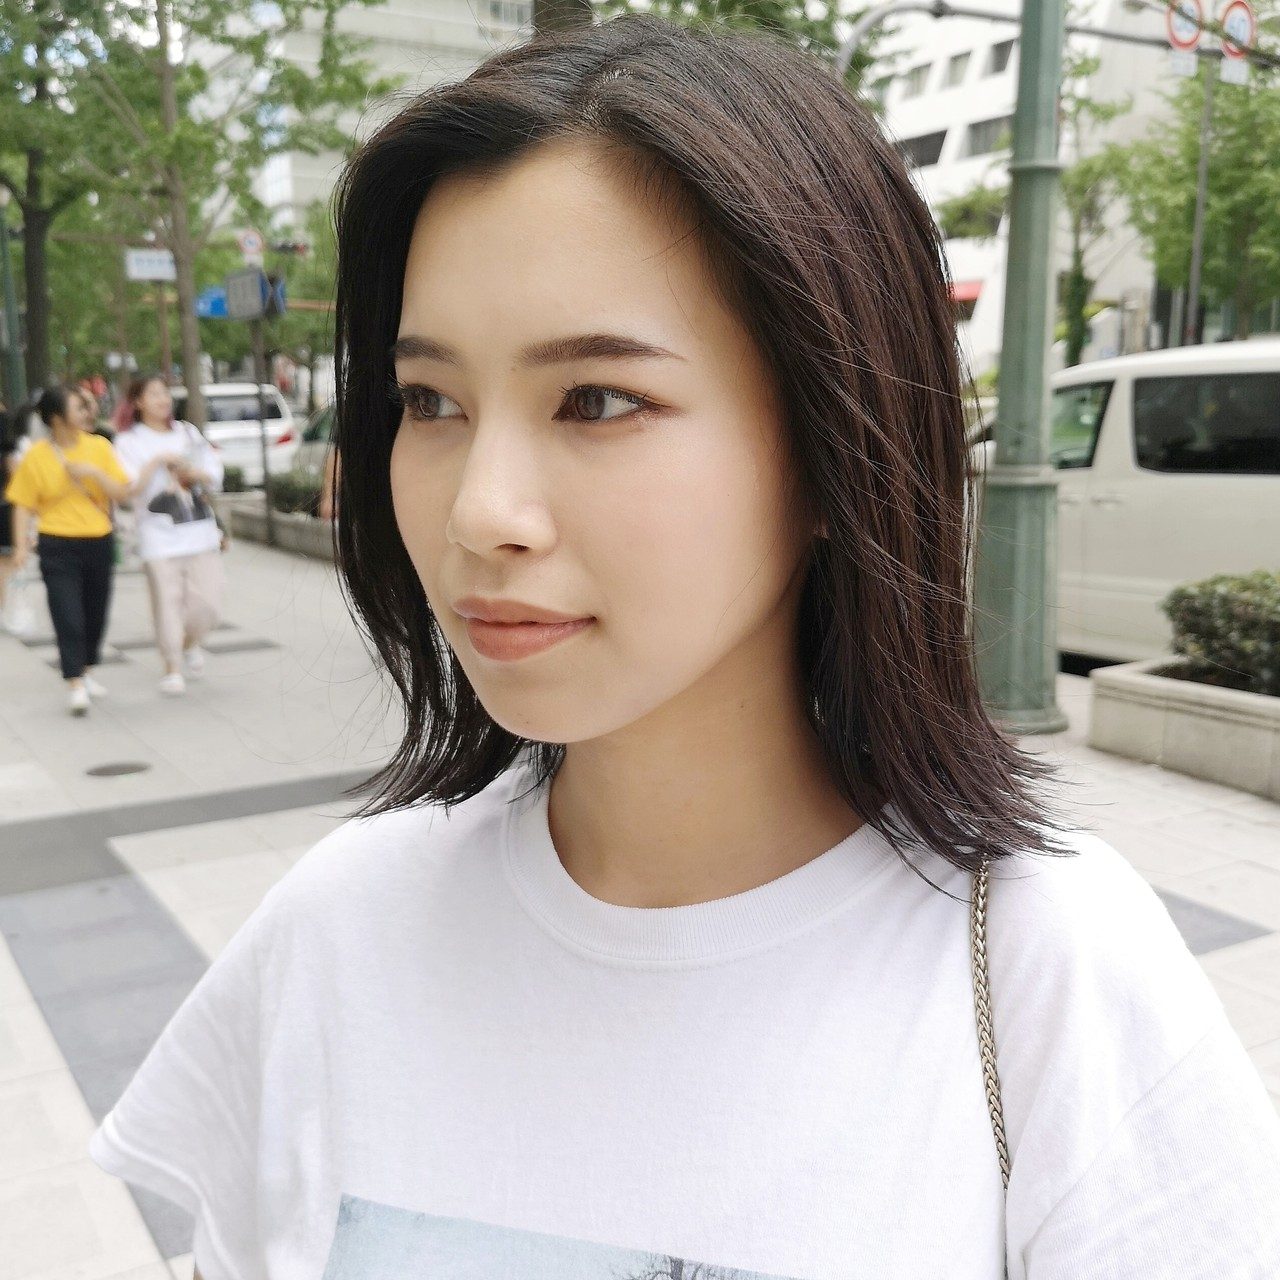 ストレート ミディアム ストリート N.オイル ヘアスタイルや髪型の写真・画像 | Yusuke Matsumoto / HAIR'S Lunetta 心斎橋